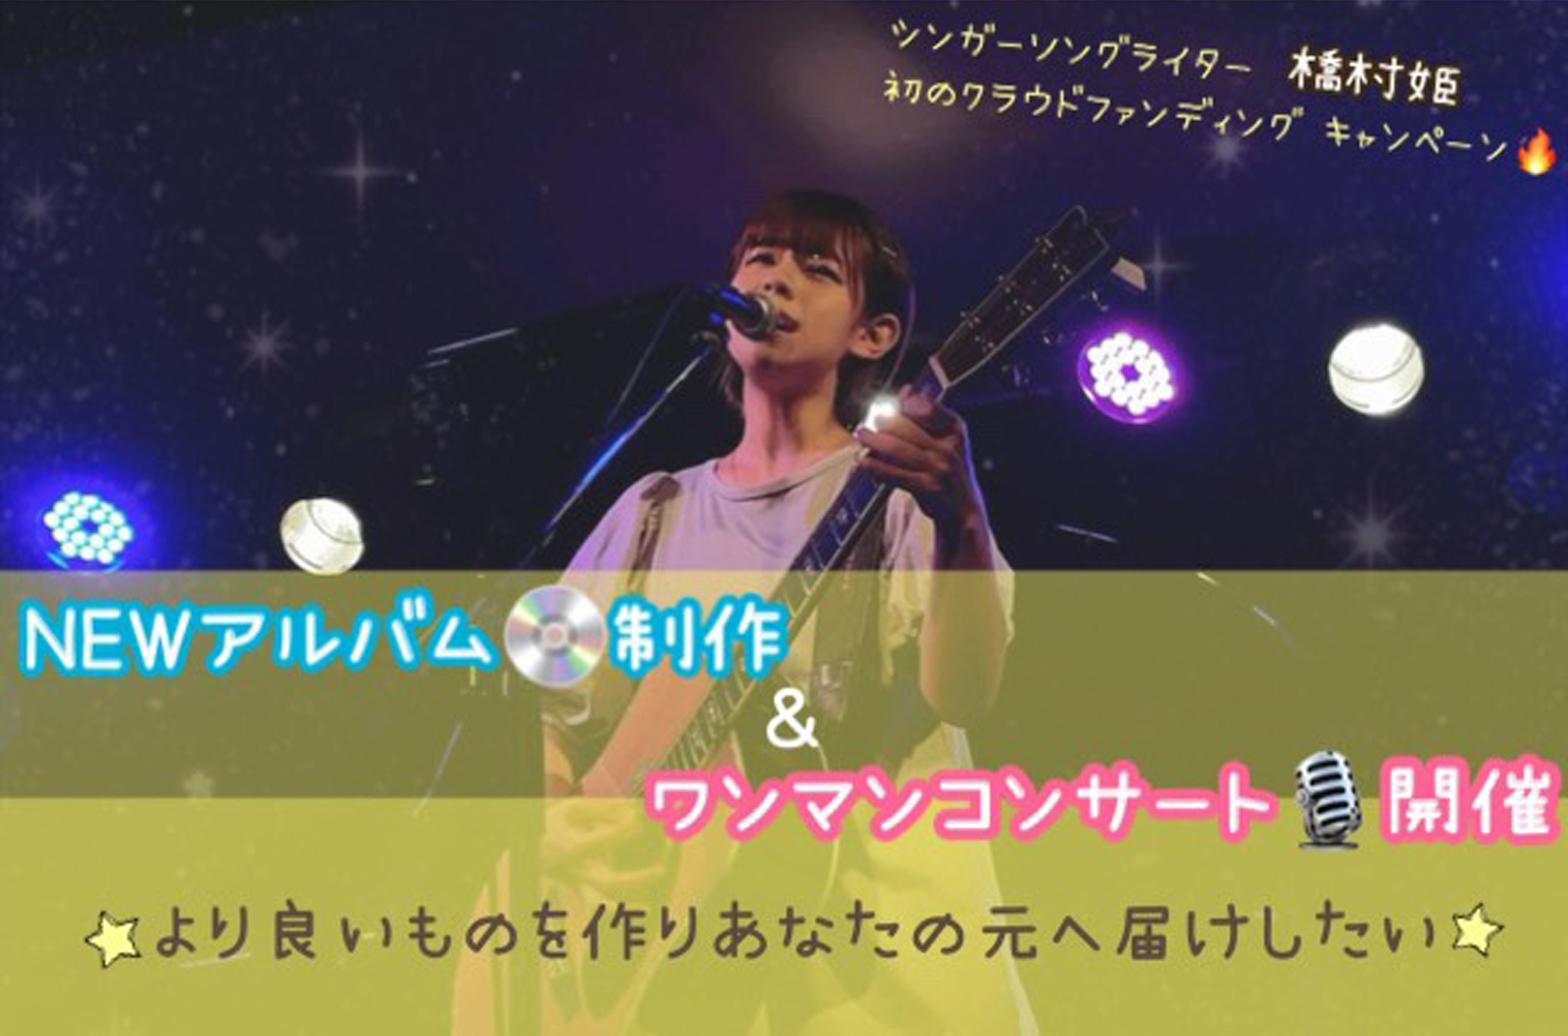 【橋村姫】NEWアルバムとワンマンコンサートをよりよいものにしてお届けしたい!橋村姫 応援キャンペーン